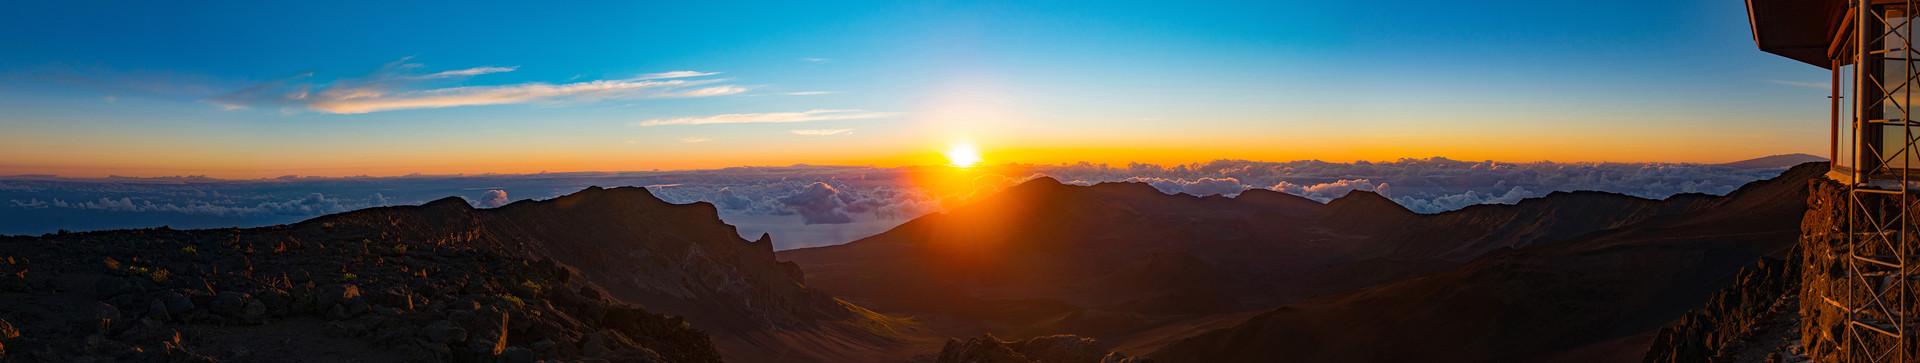 Sunrise on Haleakala no2-21X4-noborder-S